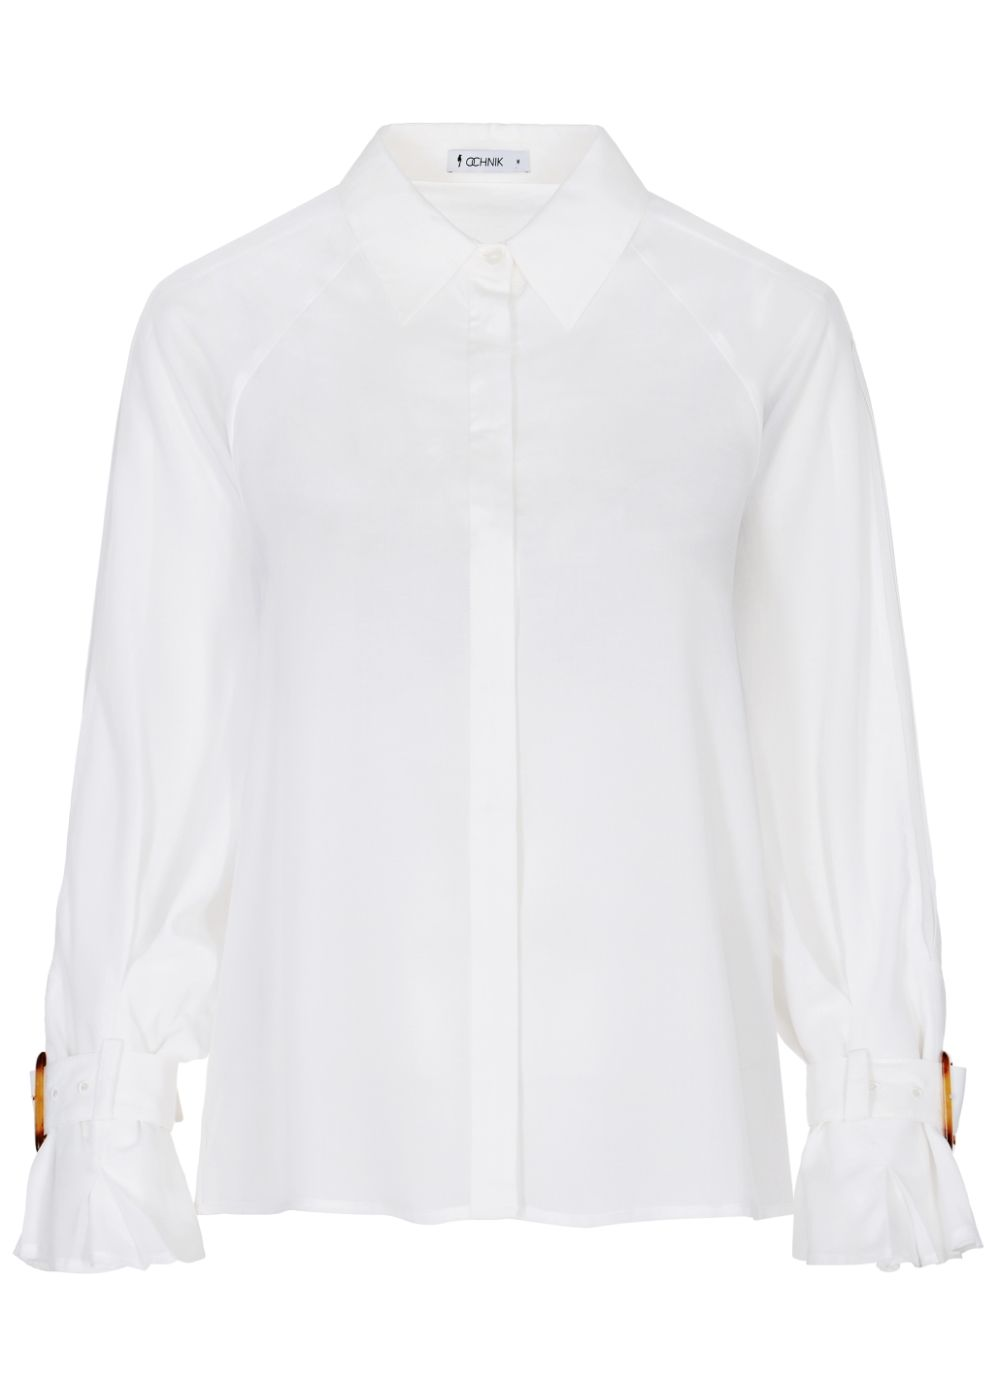 Koszula damska KOSDT-0087-11(W21)